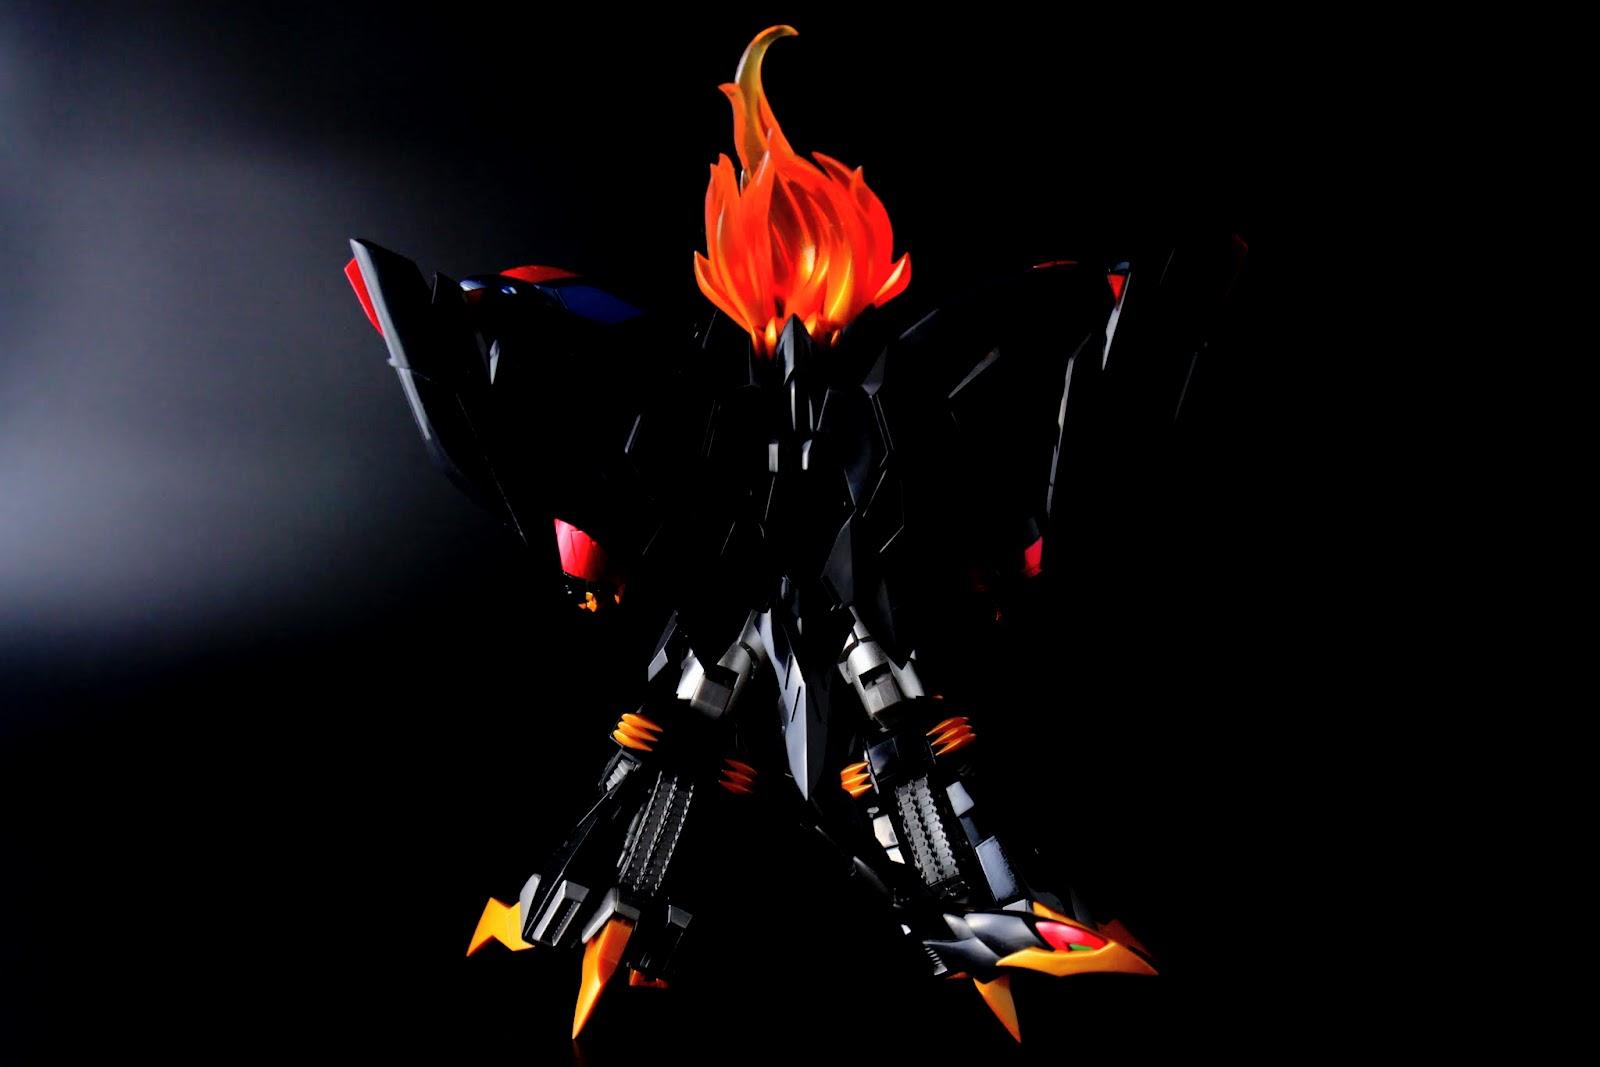 背部很漂亮,但是翅膀打開更漂亮